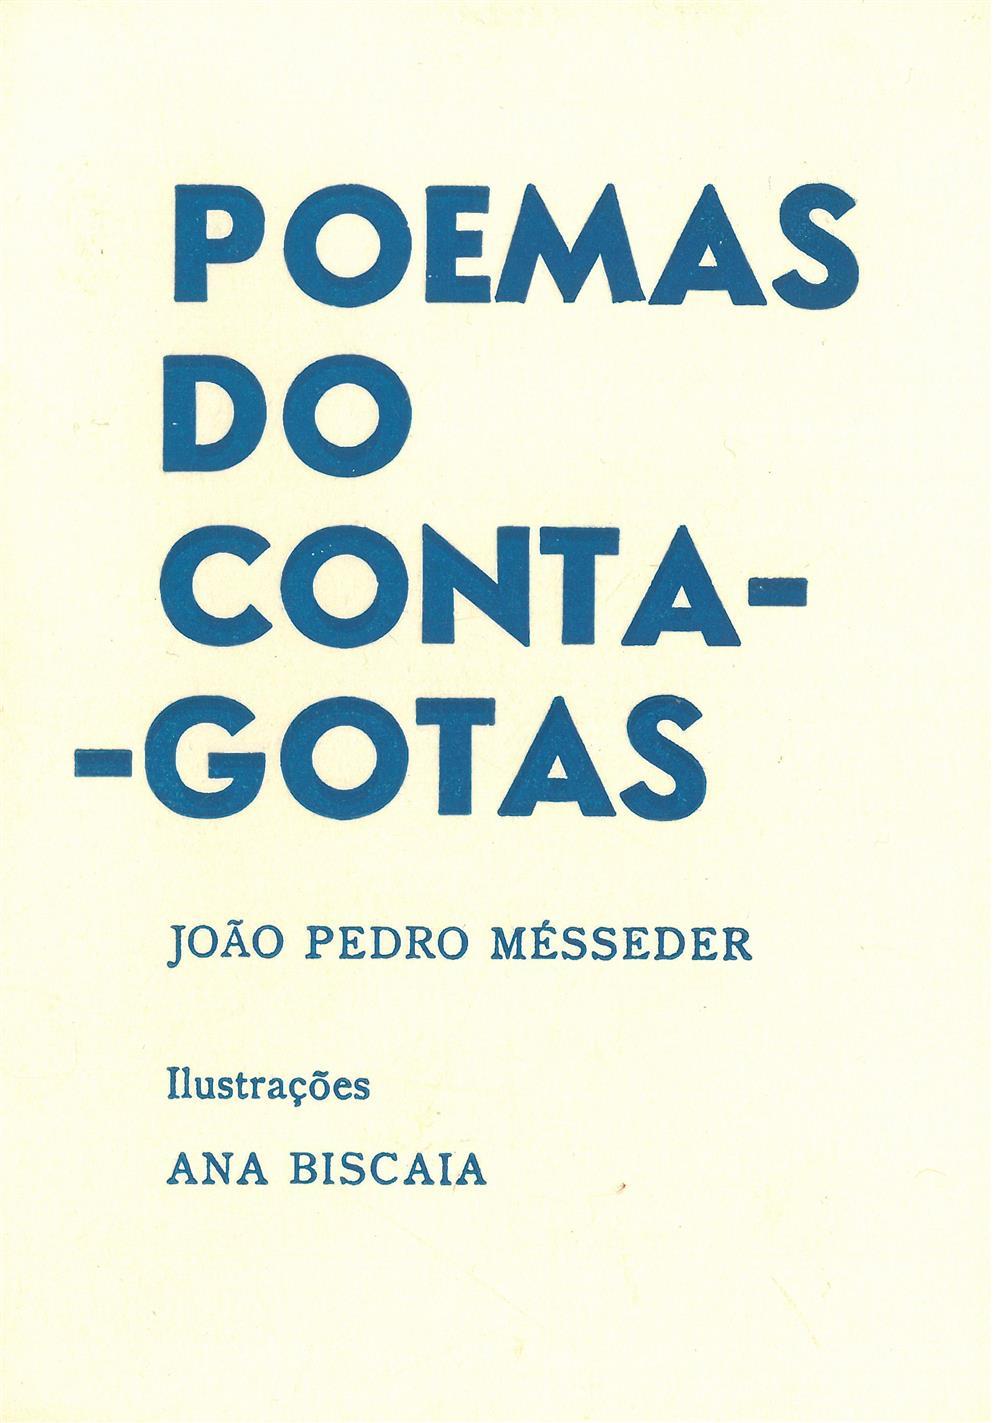 Poemas do conta-gotas_.jpg